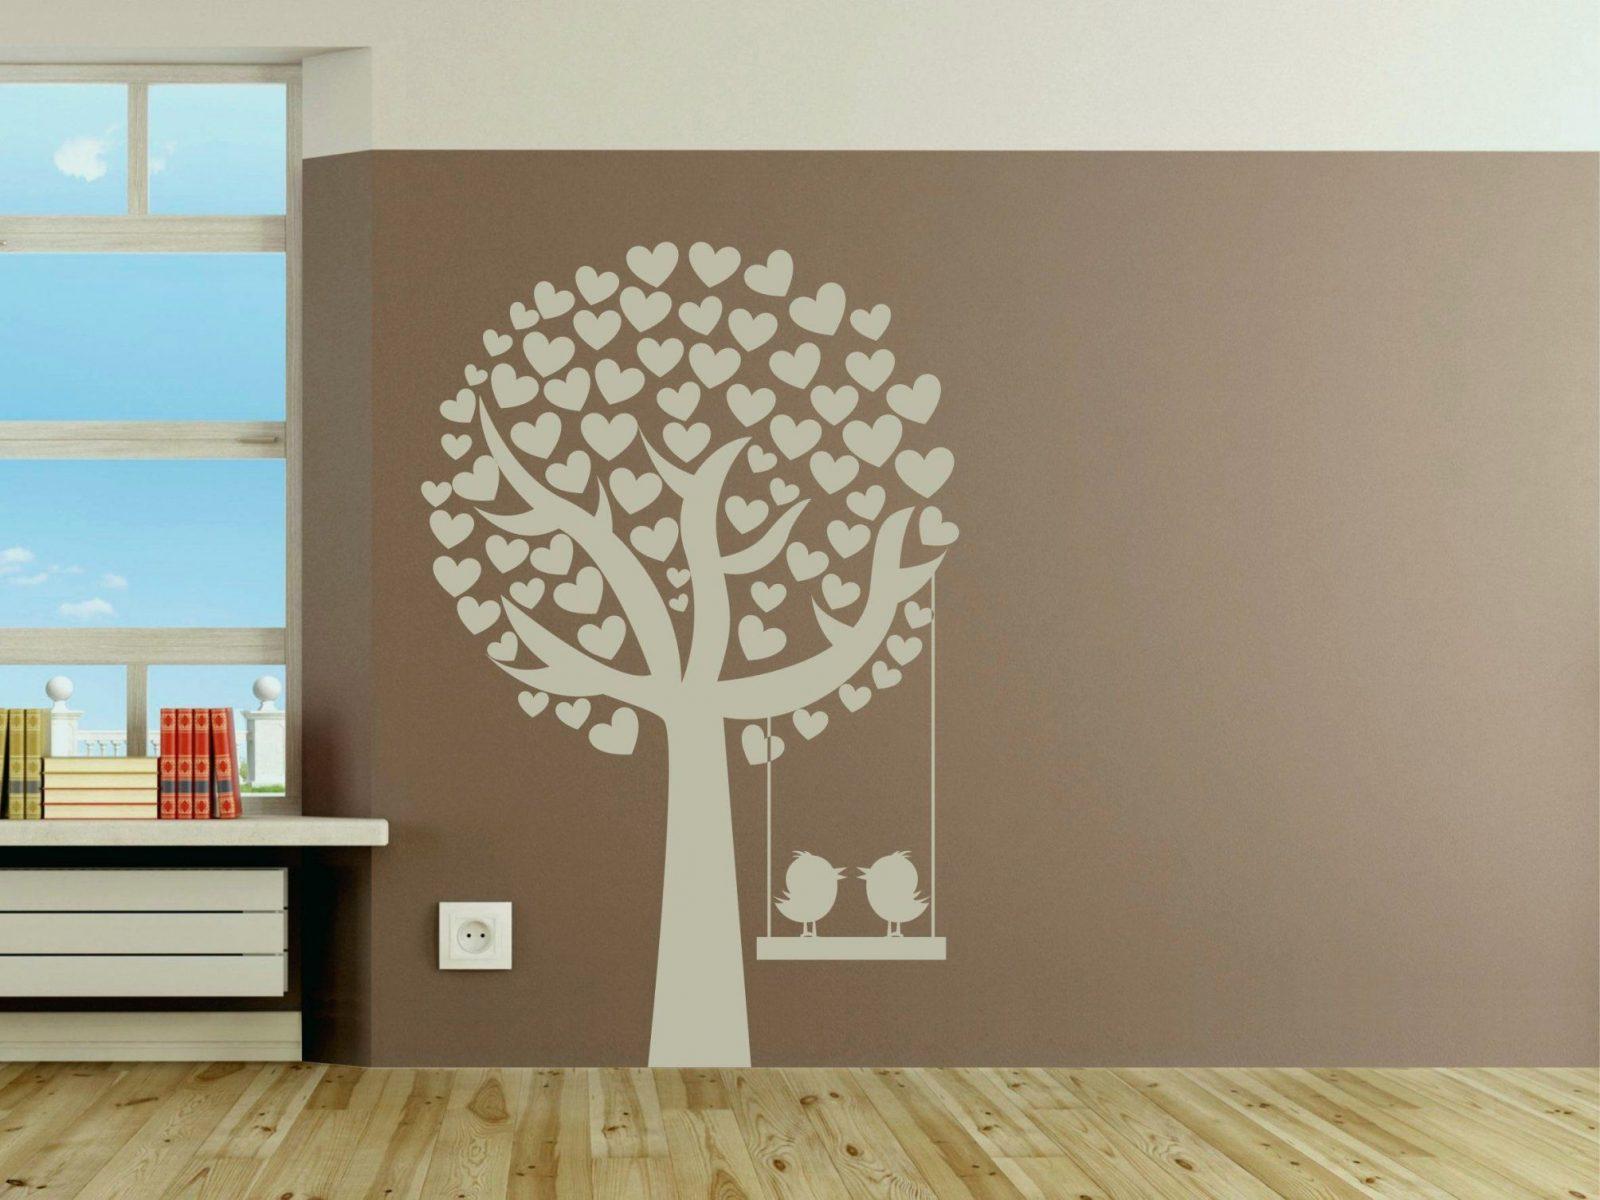 Wandgestaltung Babyzimmer Selber Machen New Wandgestaltung von Wandgestaltung Babyzimmer Selber Machen Bild